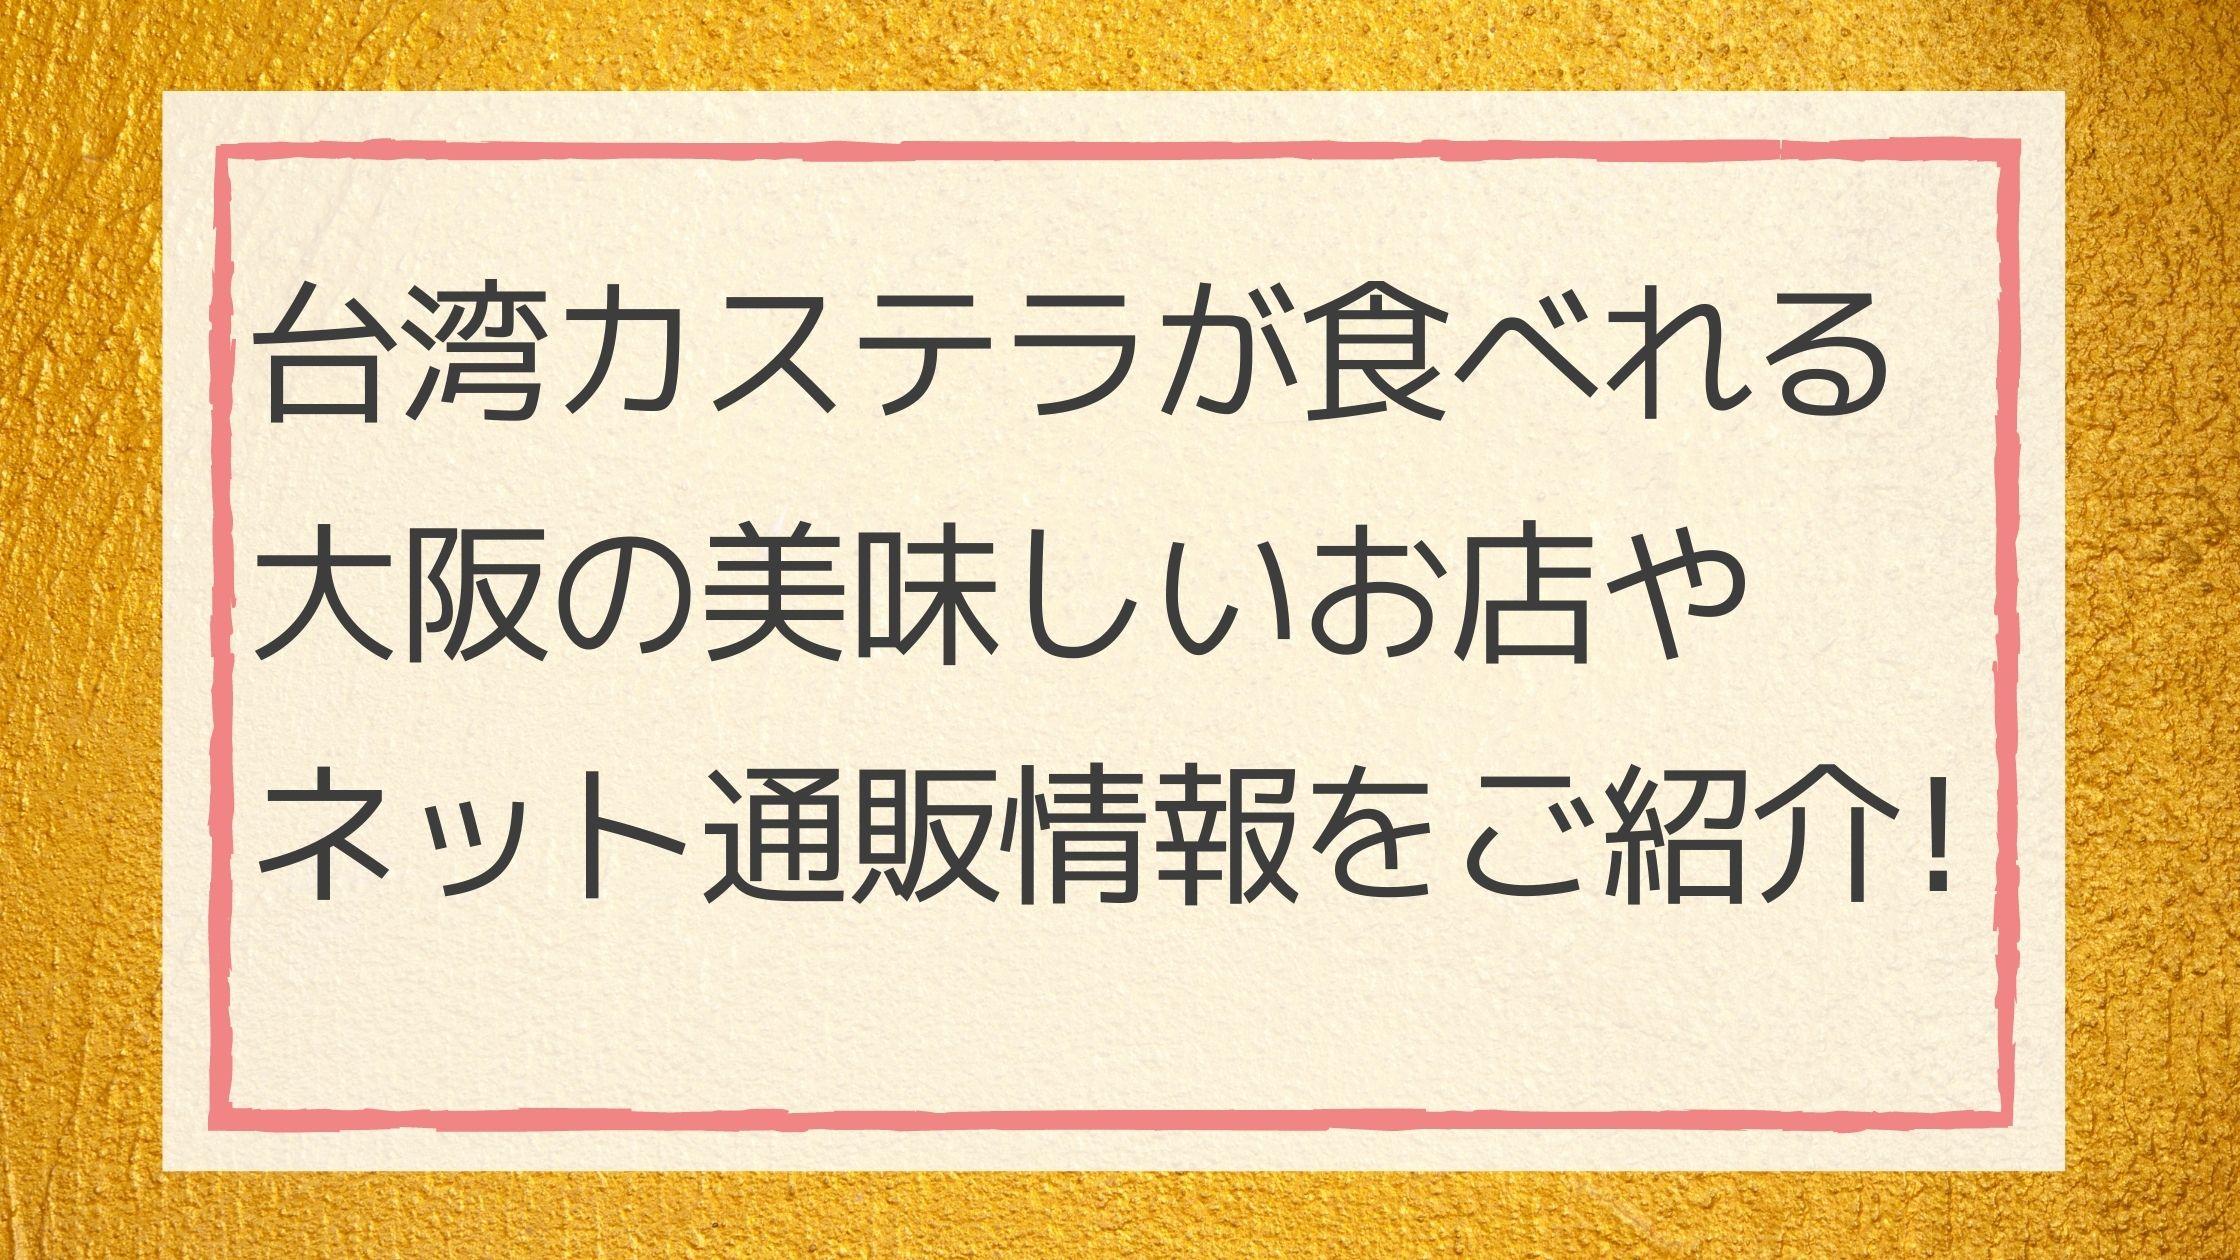 台湾カステラが食べれる大阪の美味しいお店やネット通販情報をご紹介!